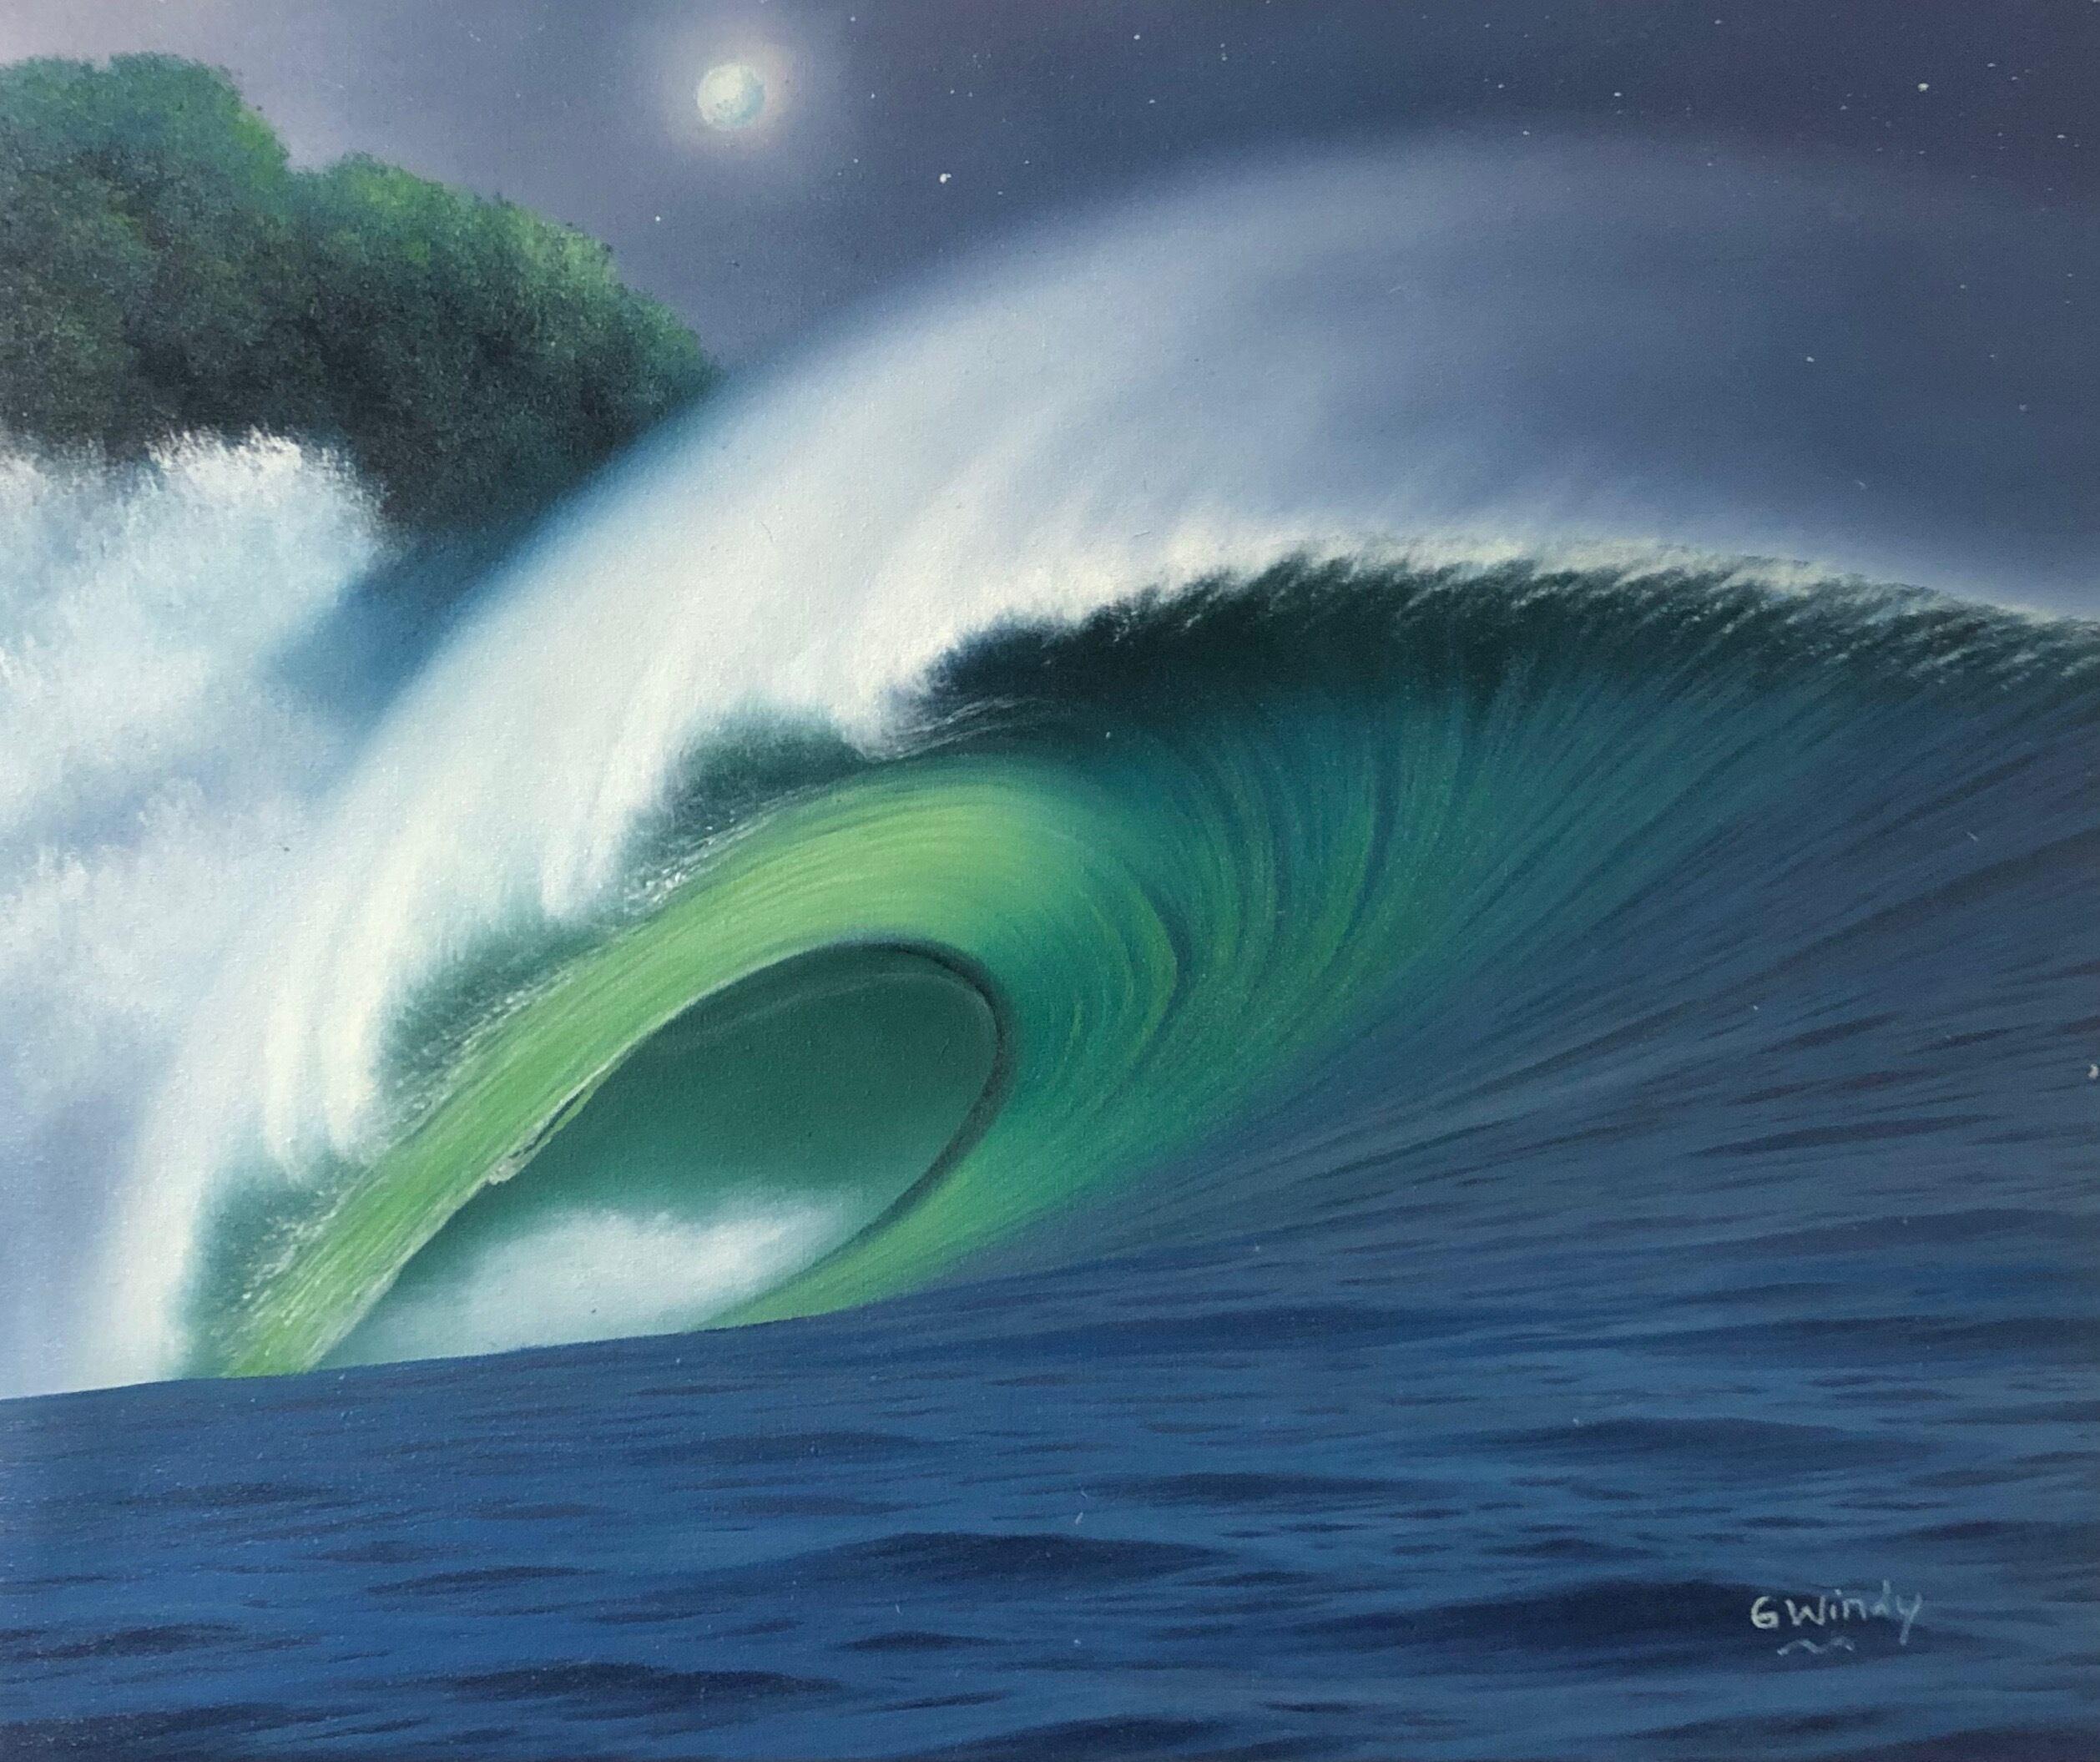 Dreamland Wave Art F8